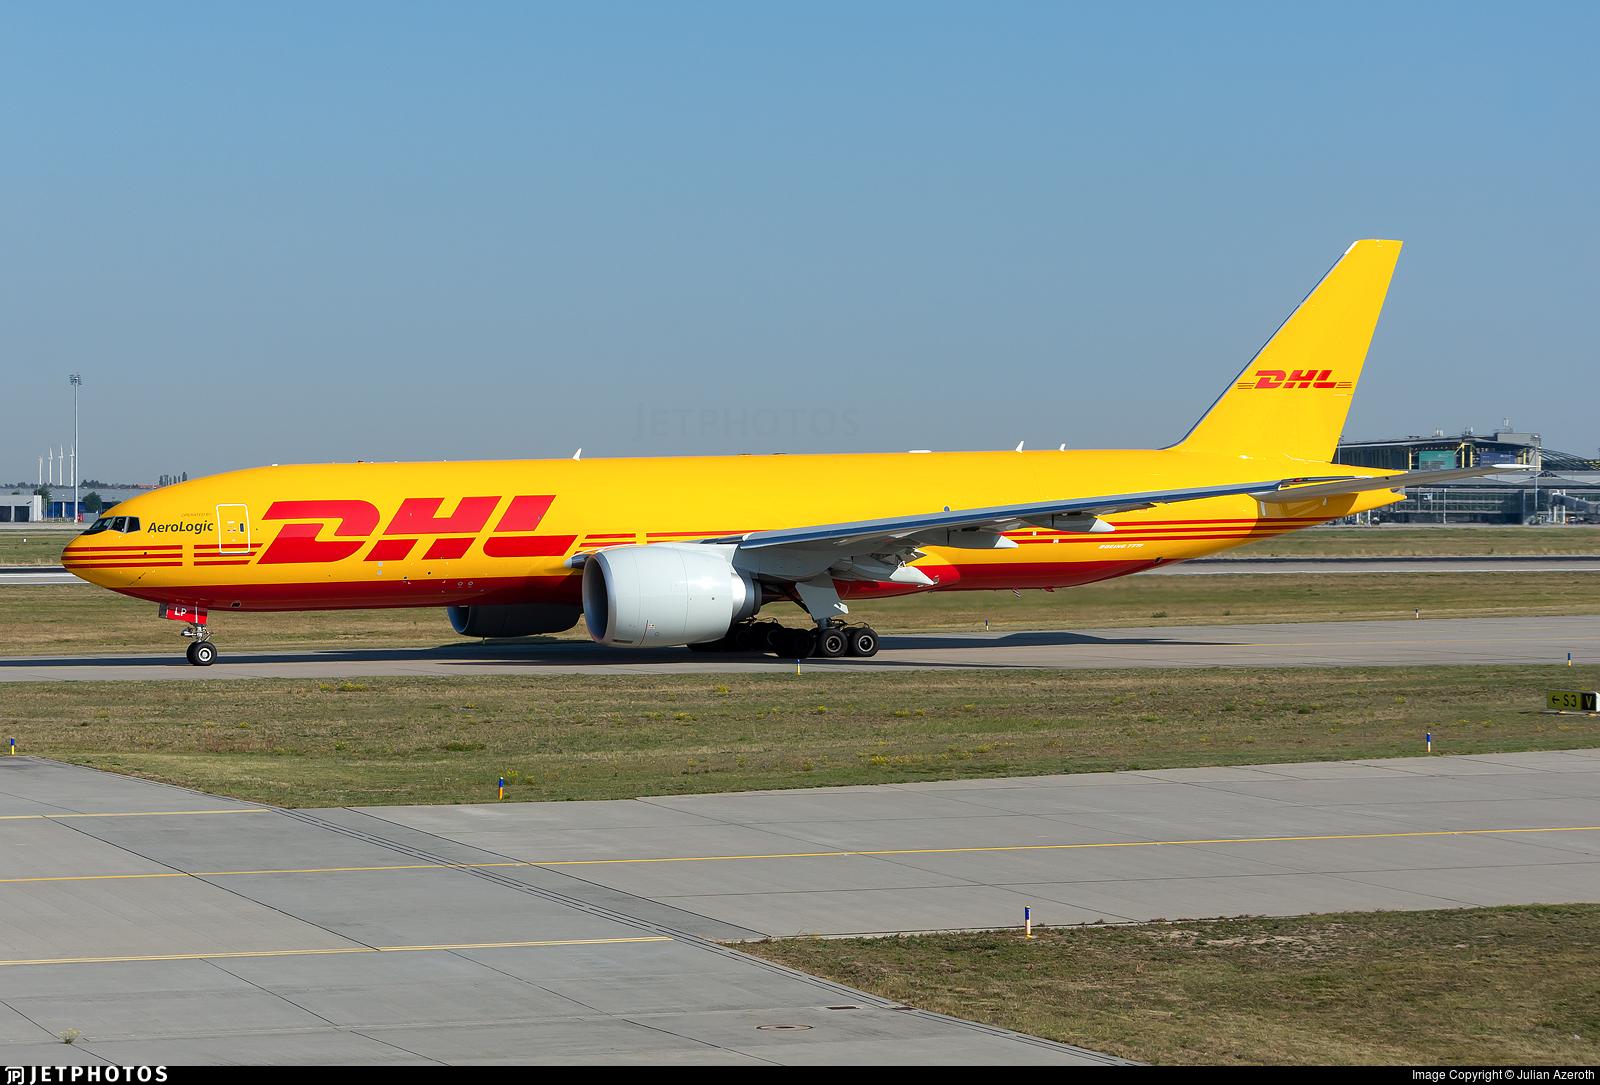 D-AALP - Boeing 777-FBT - DHL (AeroLogic)